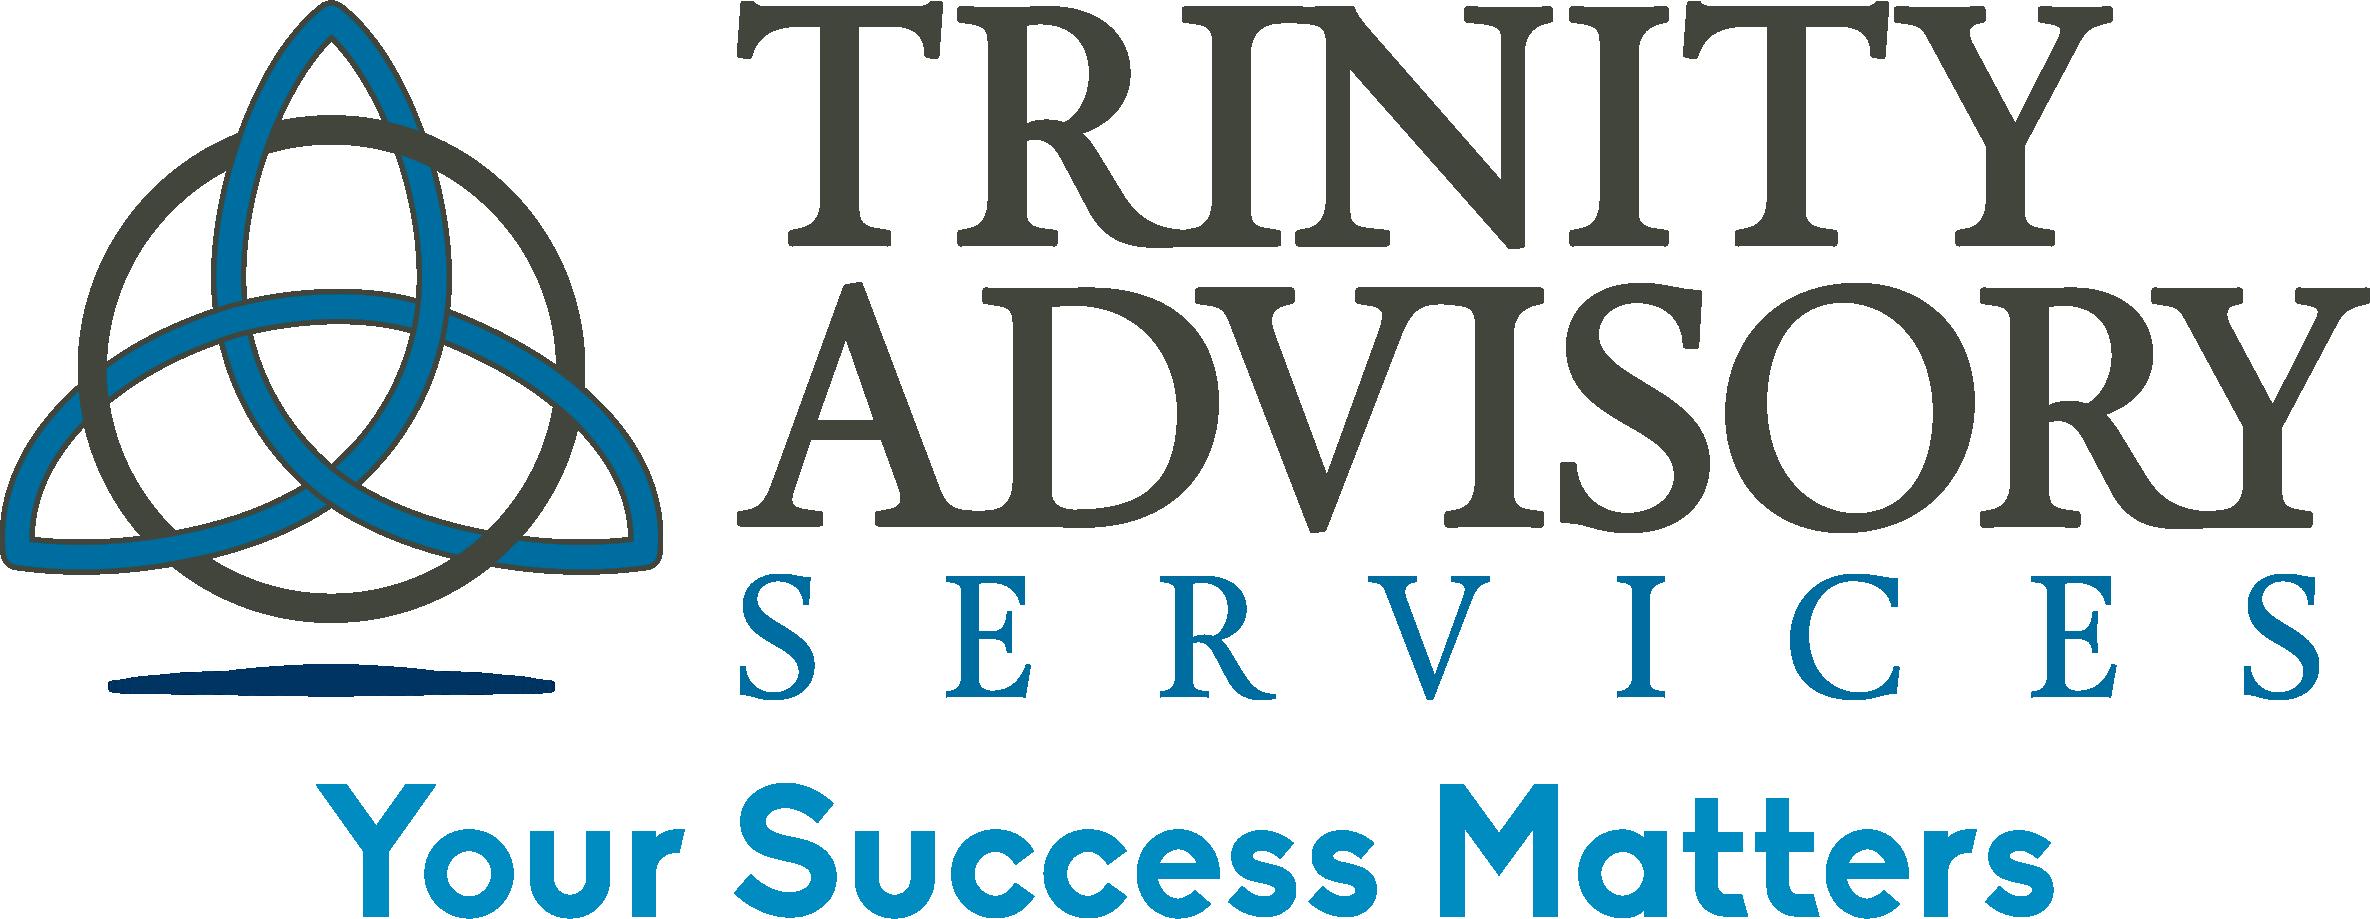 Trinity Advisory Services logo